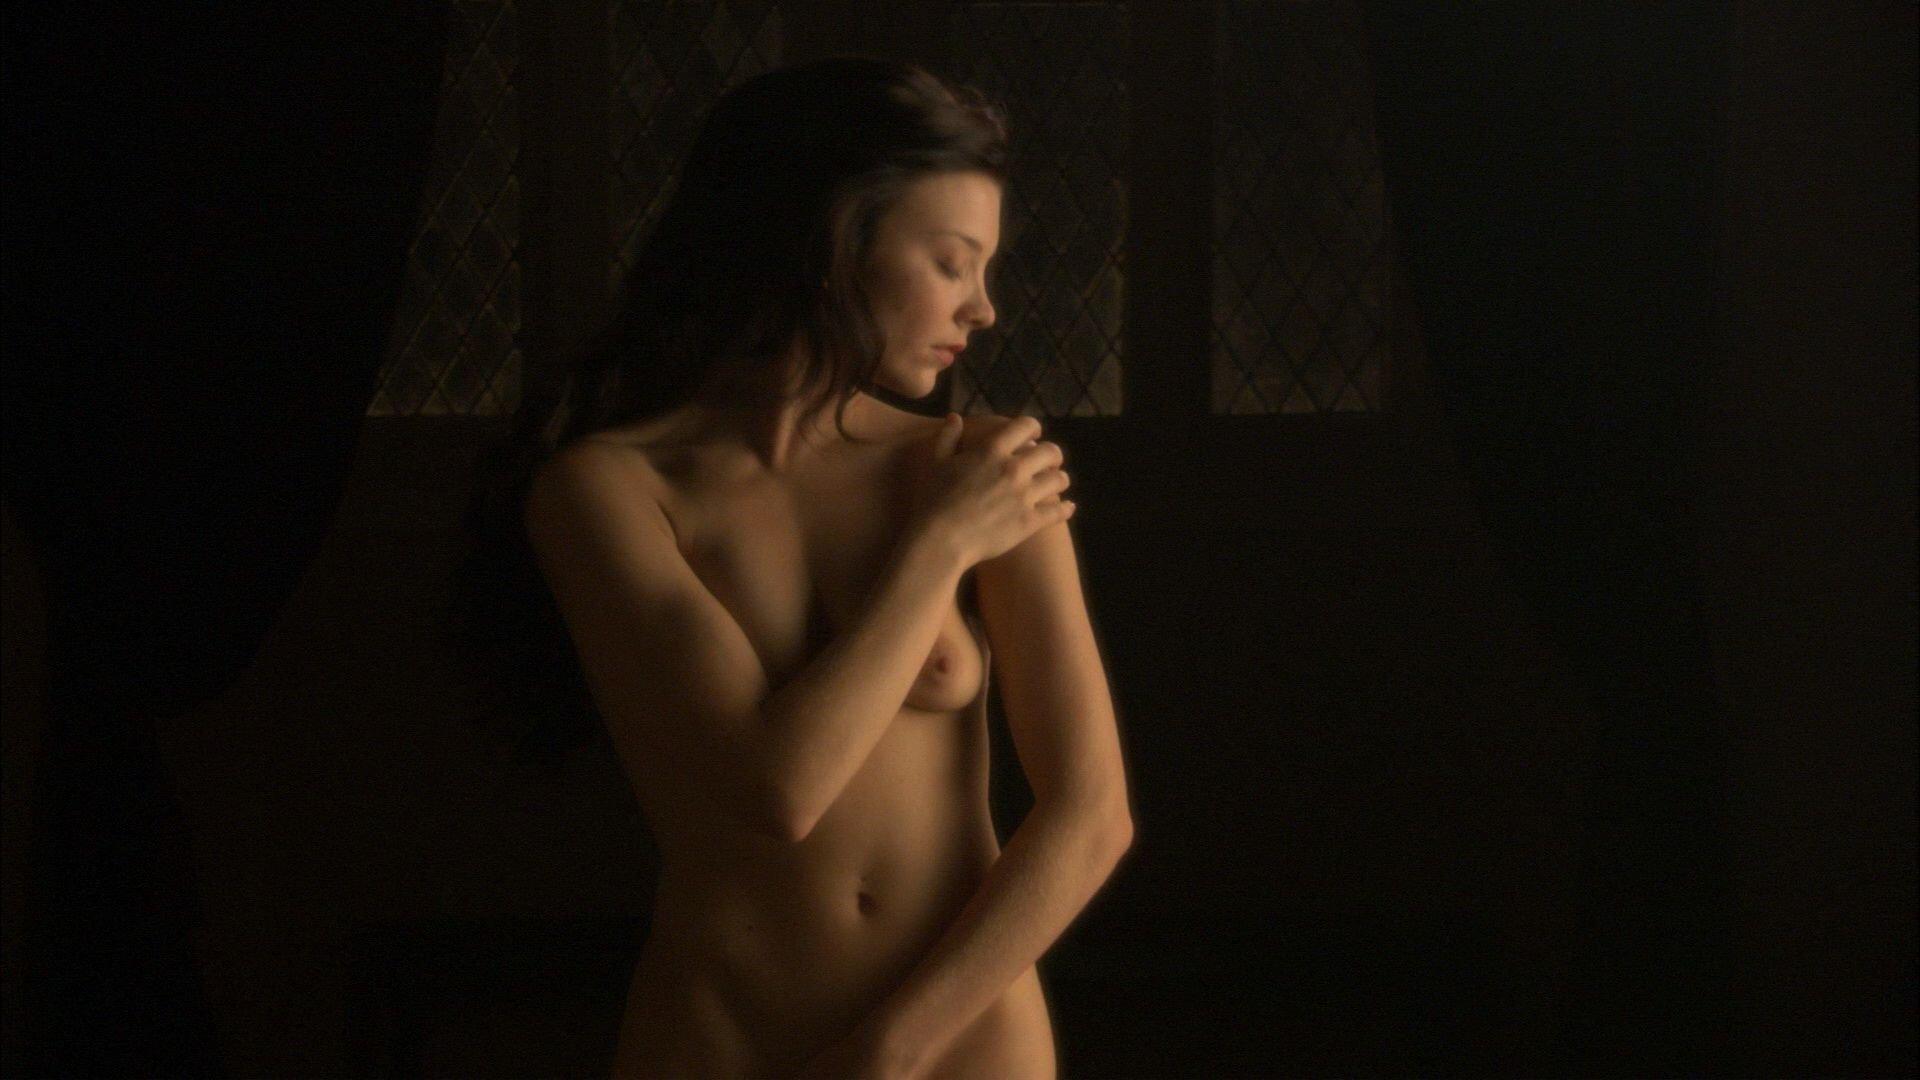 thaimassage malm tantra fria sexfilmer